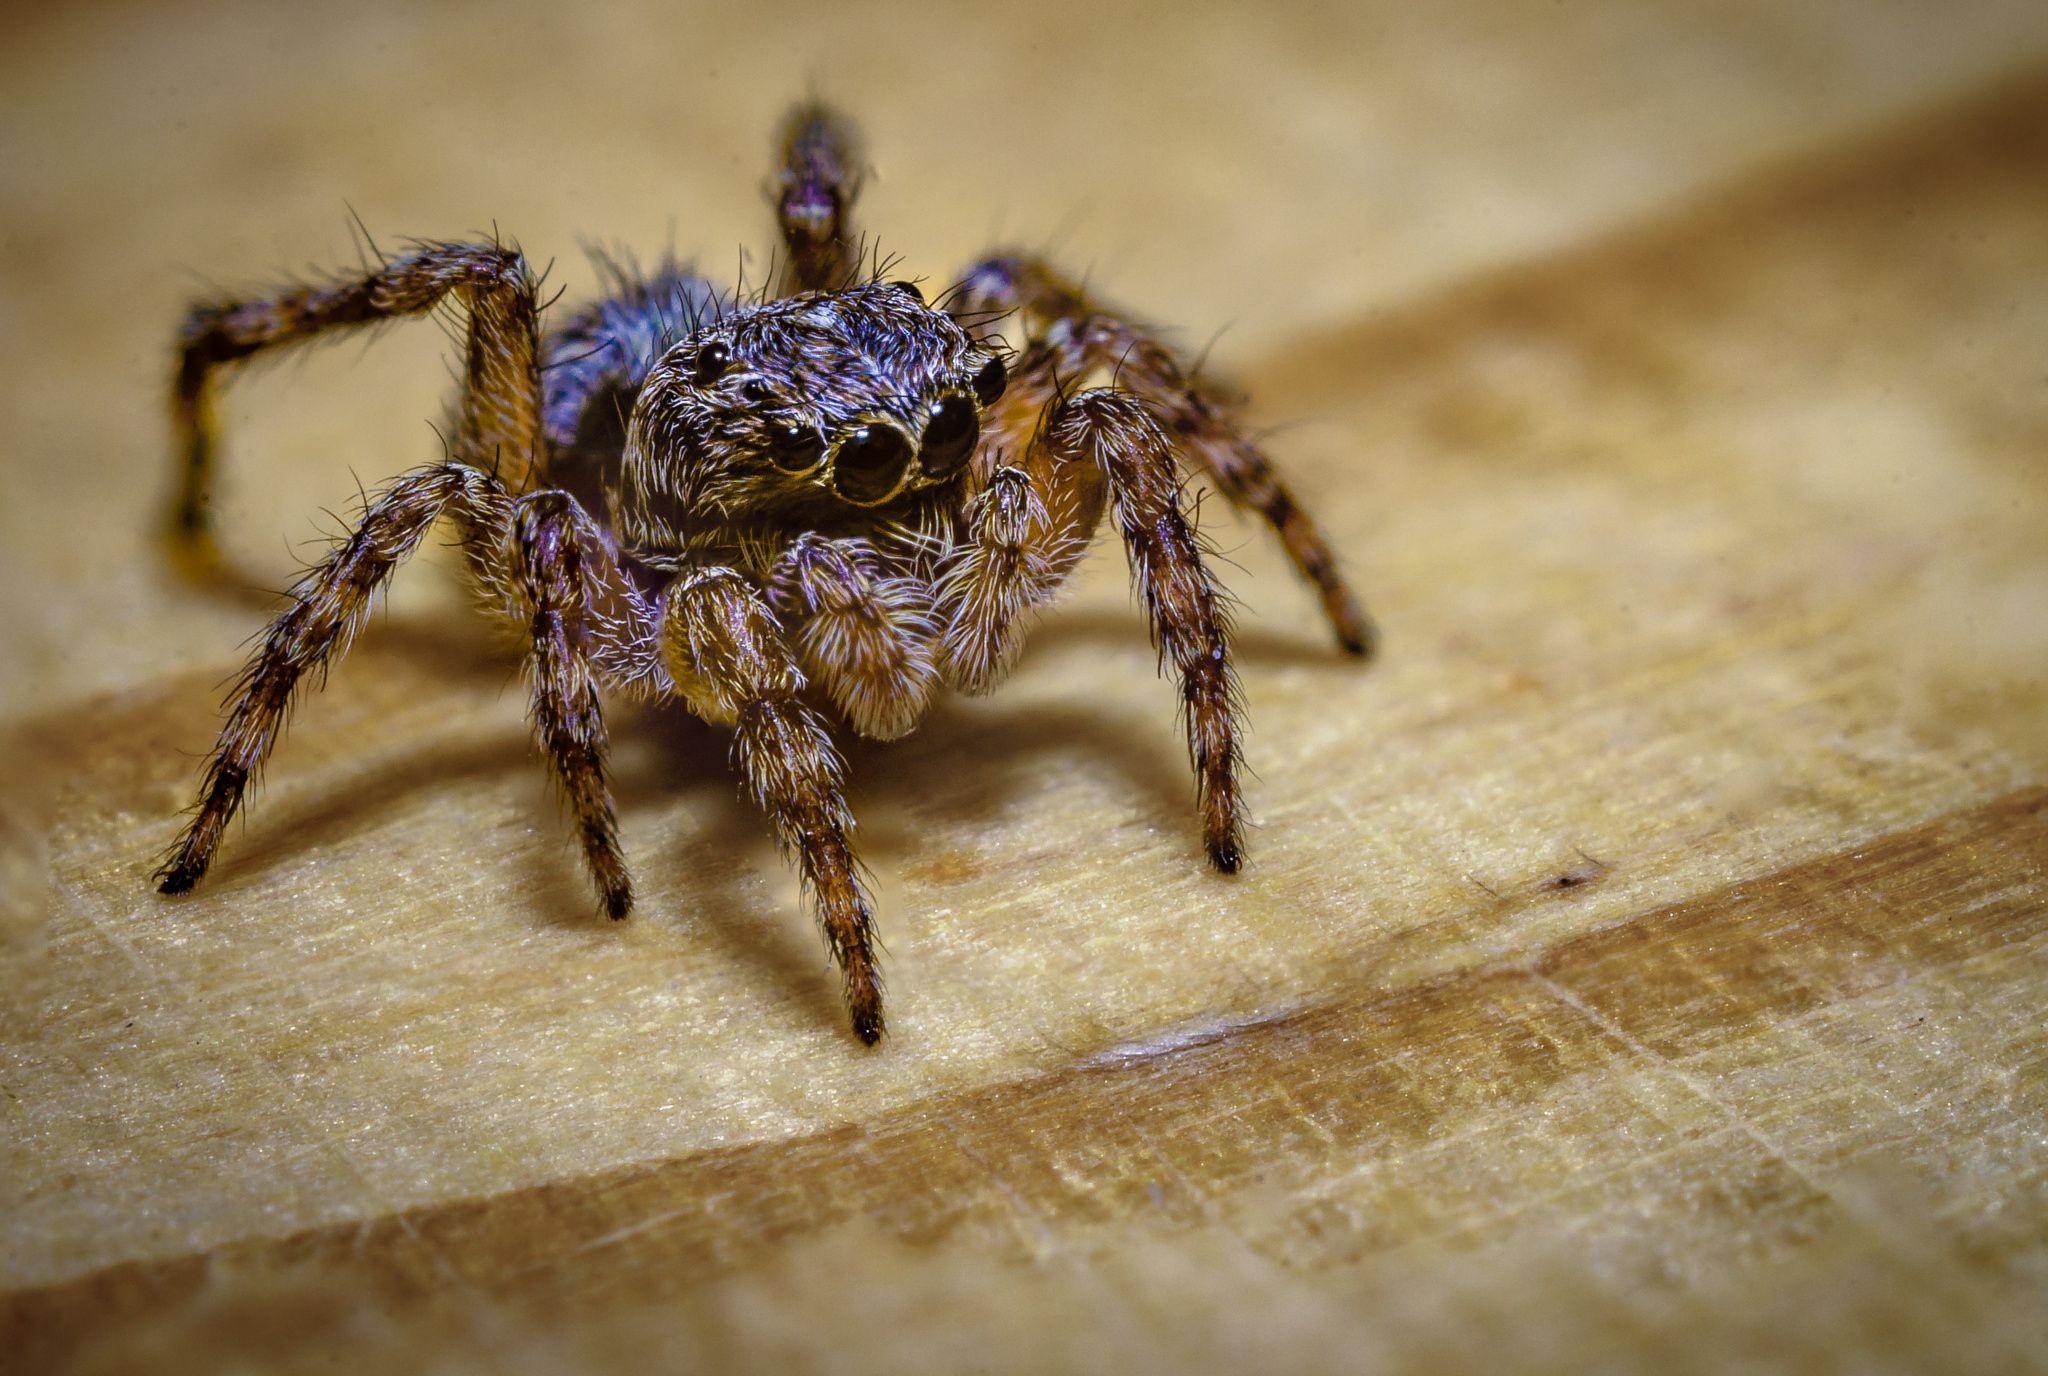 Jumping spider by Marek Weisskopf on 500px